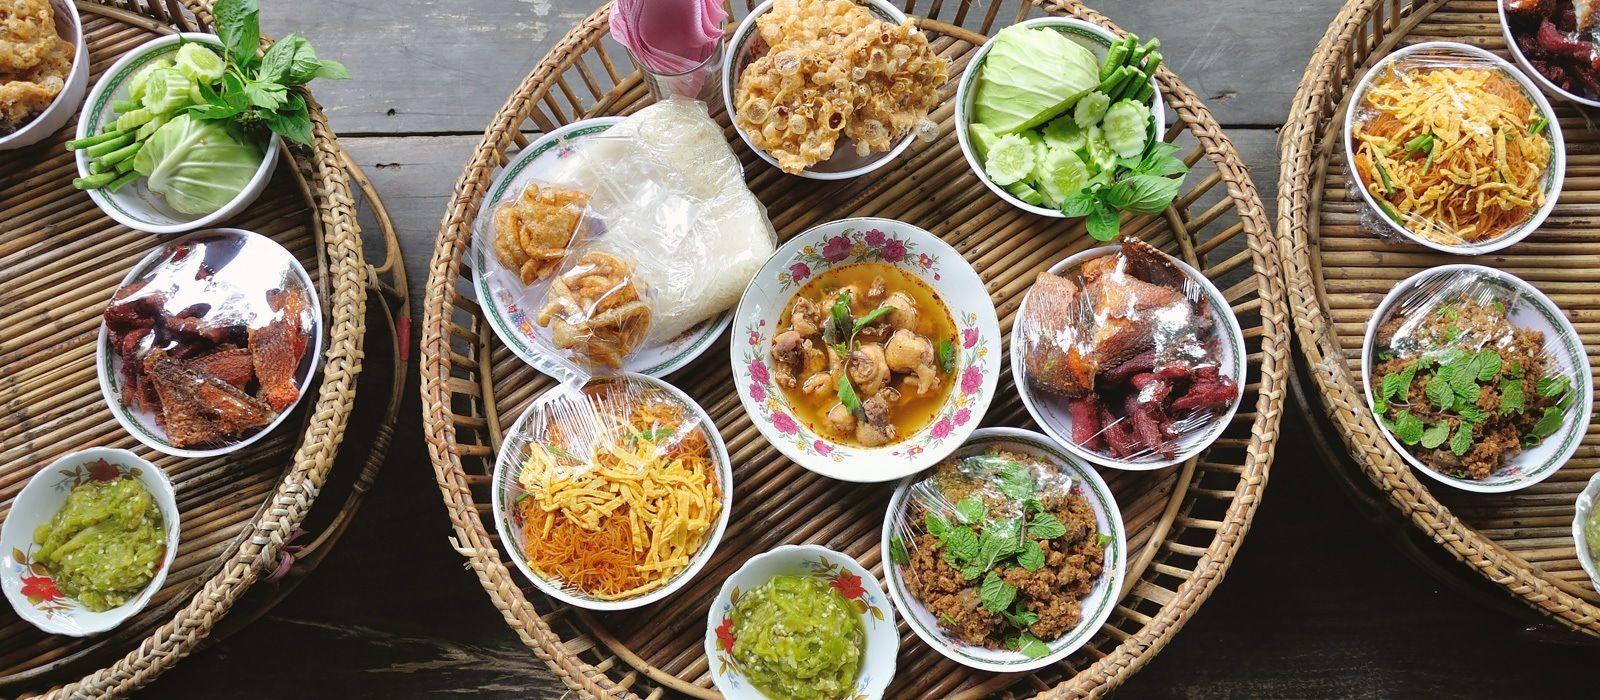 Staunen, shoppen und sonnen in Thailand Urlaub 5